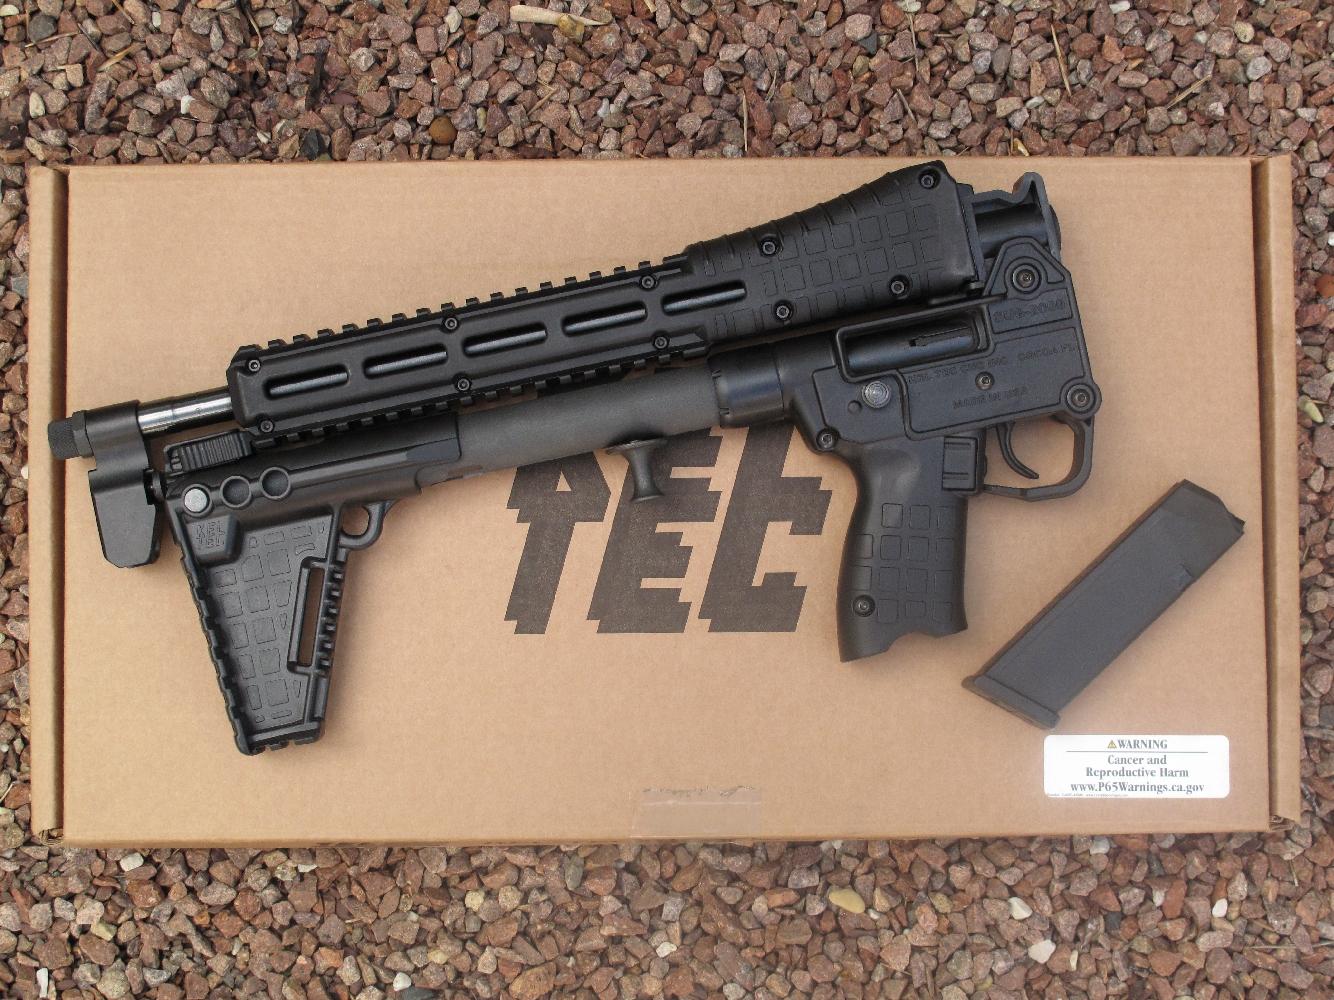 La carabine Kel-Tec présente l'avantage considérable de pouvoir être instantanément repliée pour offrir un encombrement extrêmement réduit.